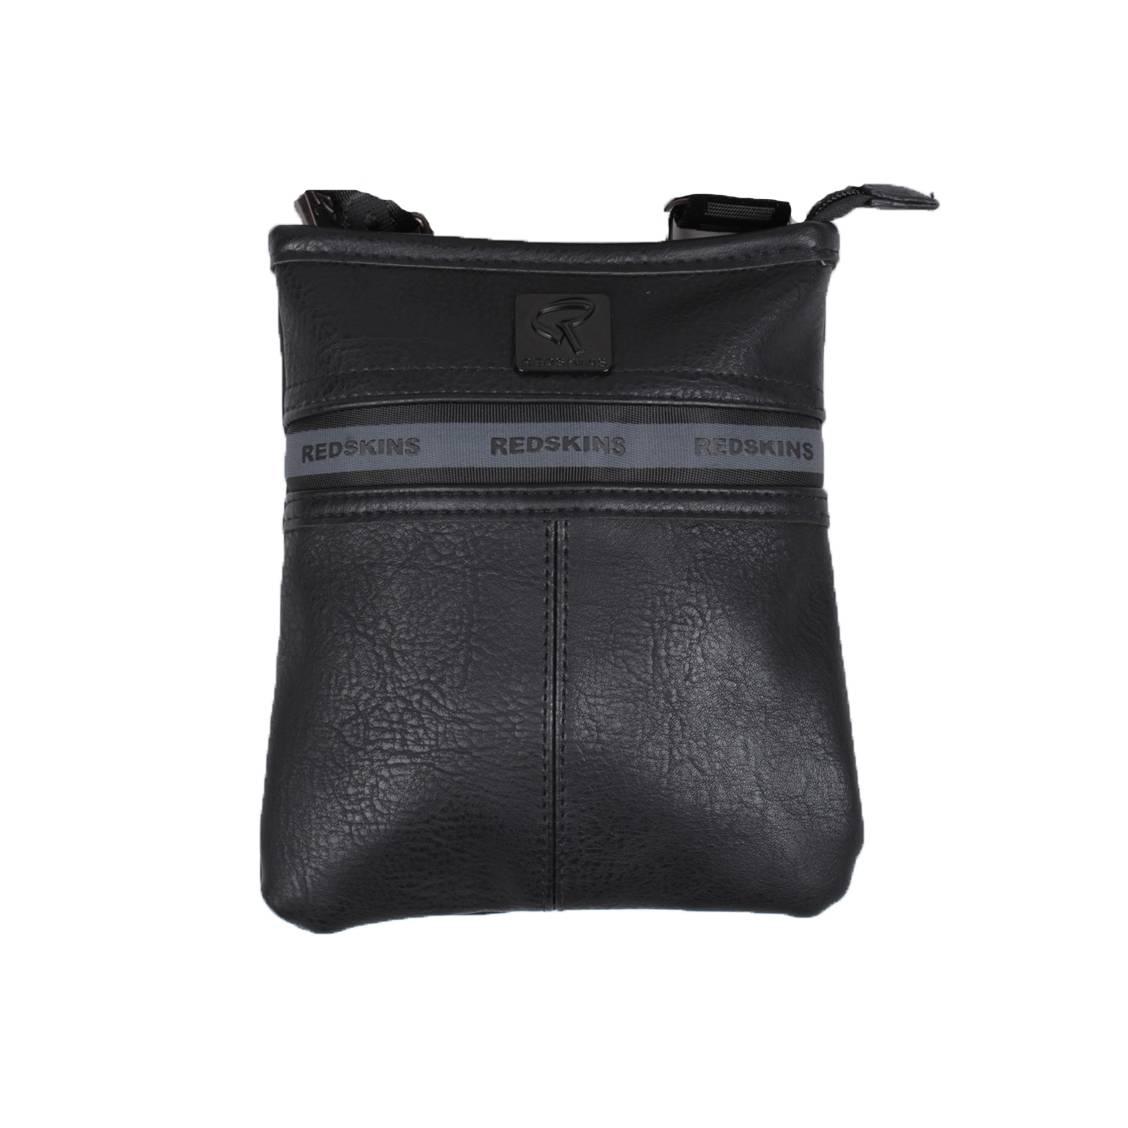 Petite sacoche plate porté croisé redskins gold noire à liseré gris